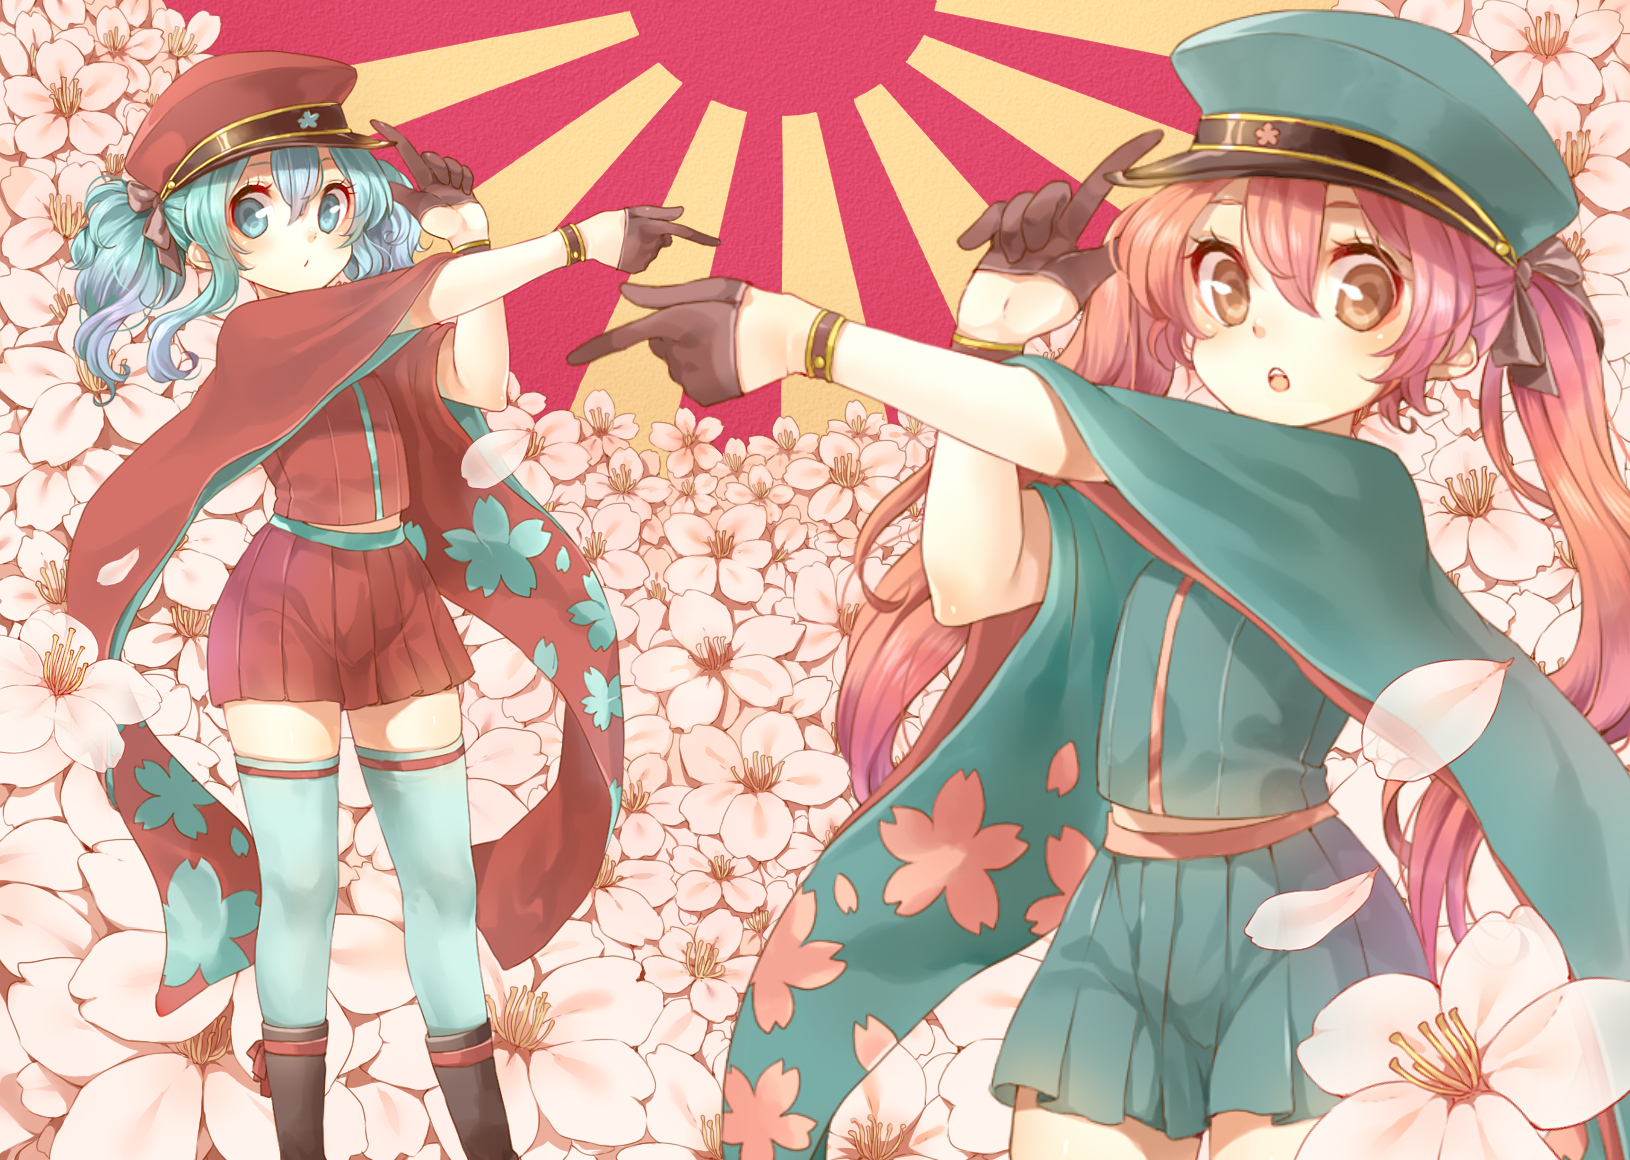 ❶Картинки с 23 февраля аниме Концерт посвященный защитникам отечества Ayase Mobile Wallpaper # - Zerochan Anime Image Board Top 80s anime Stickers for Android & iOS }